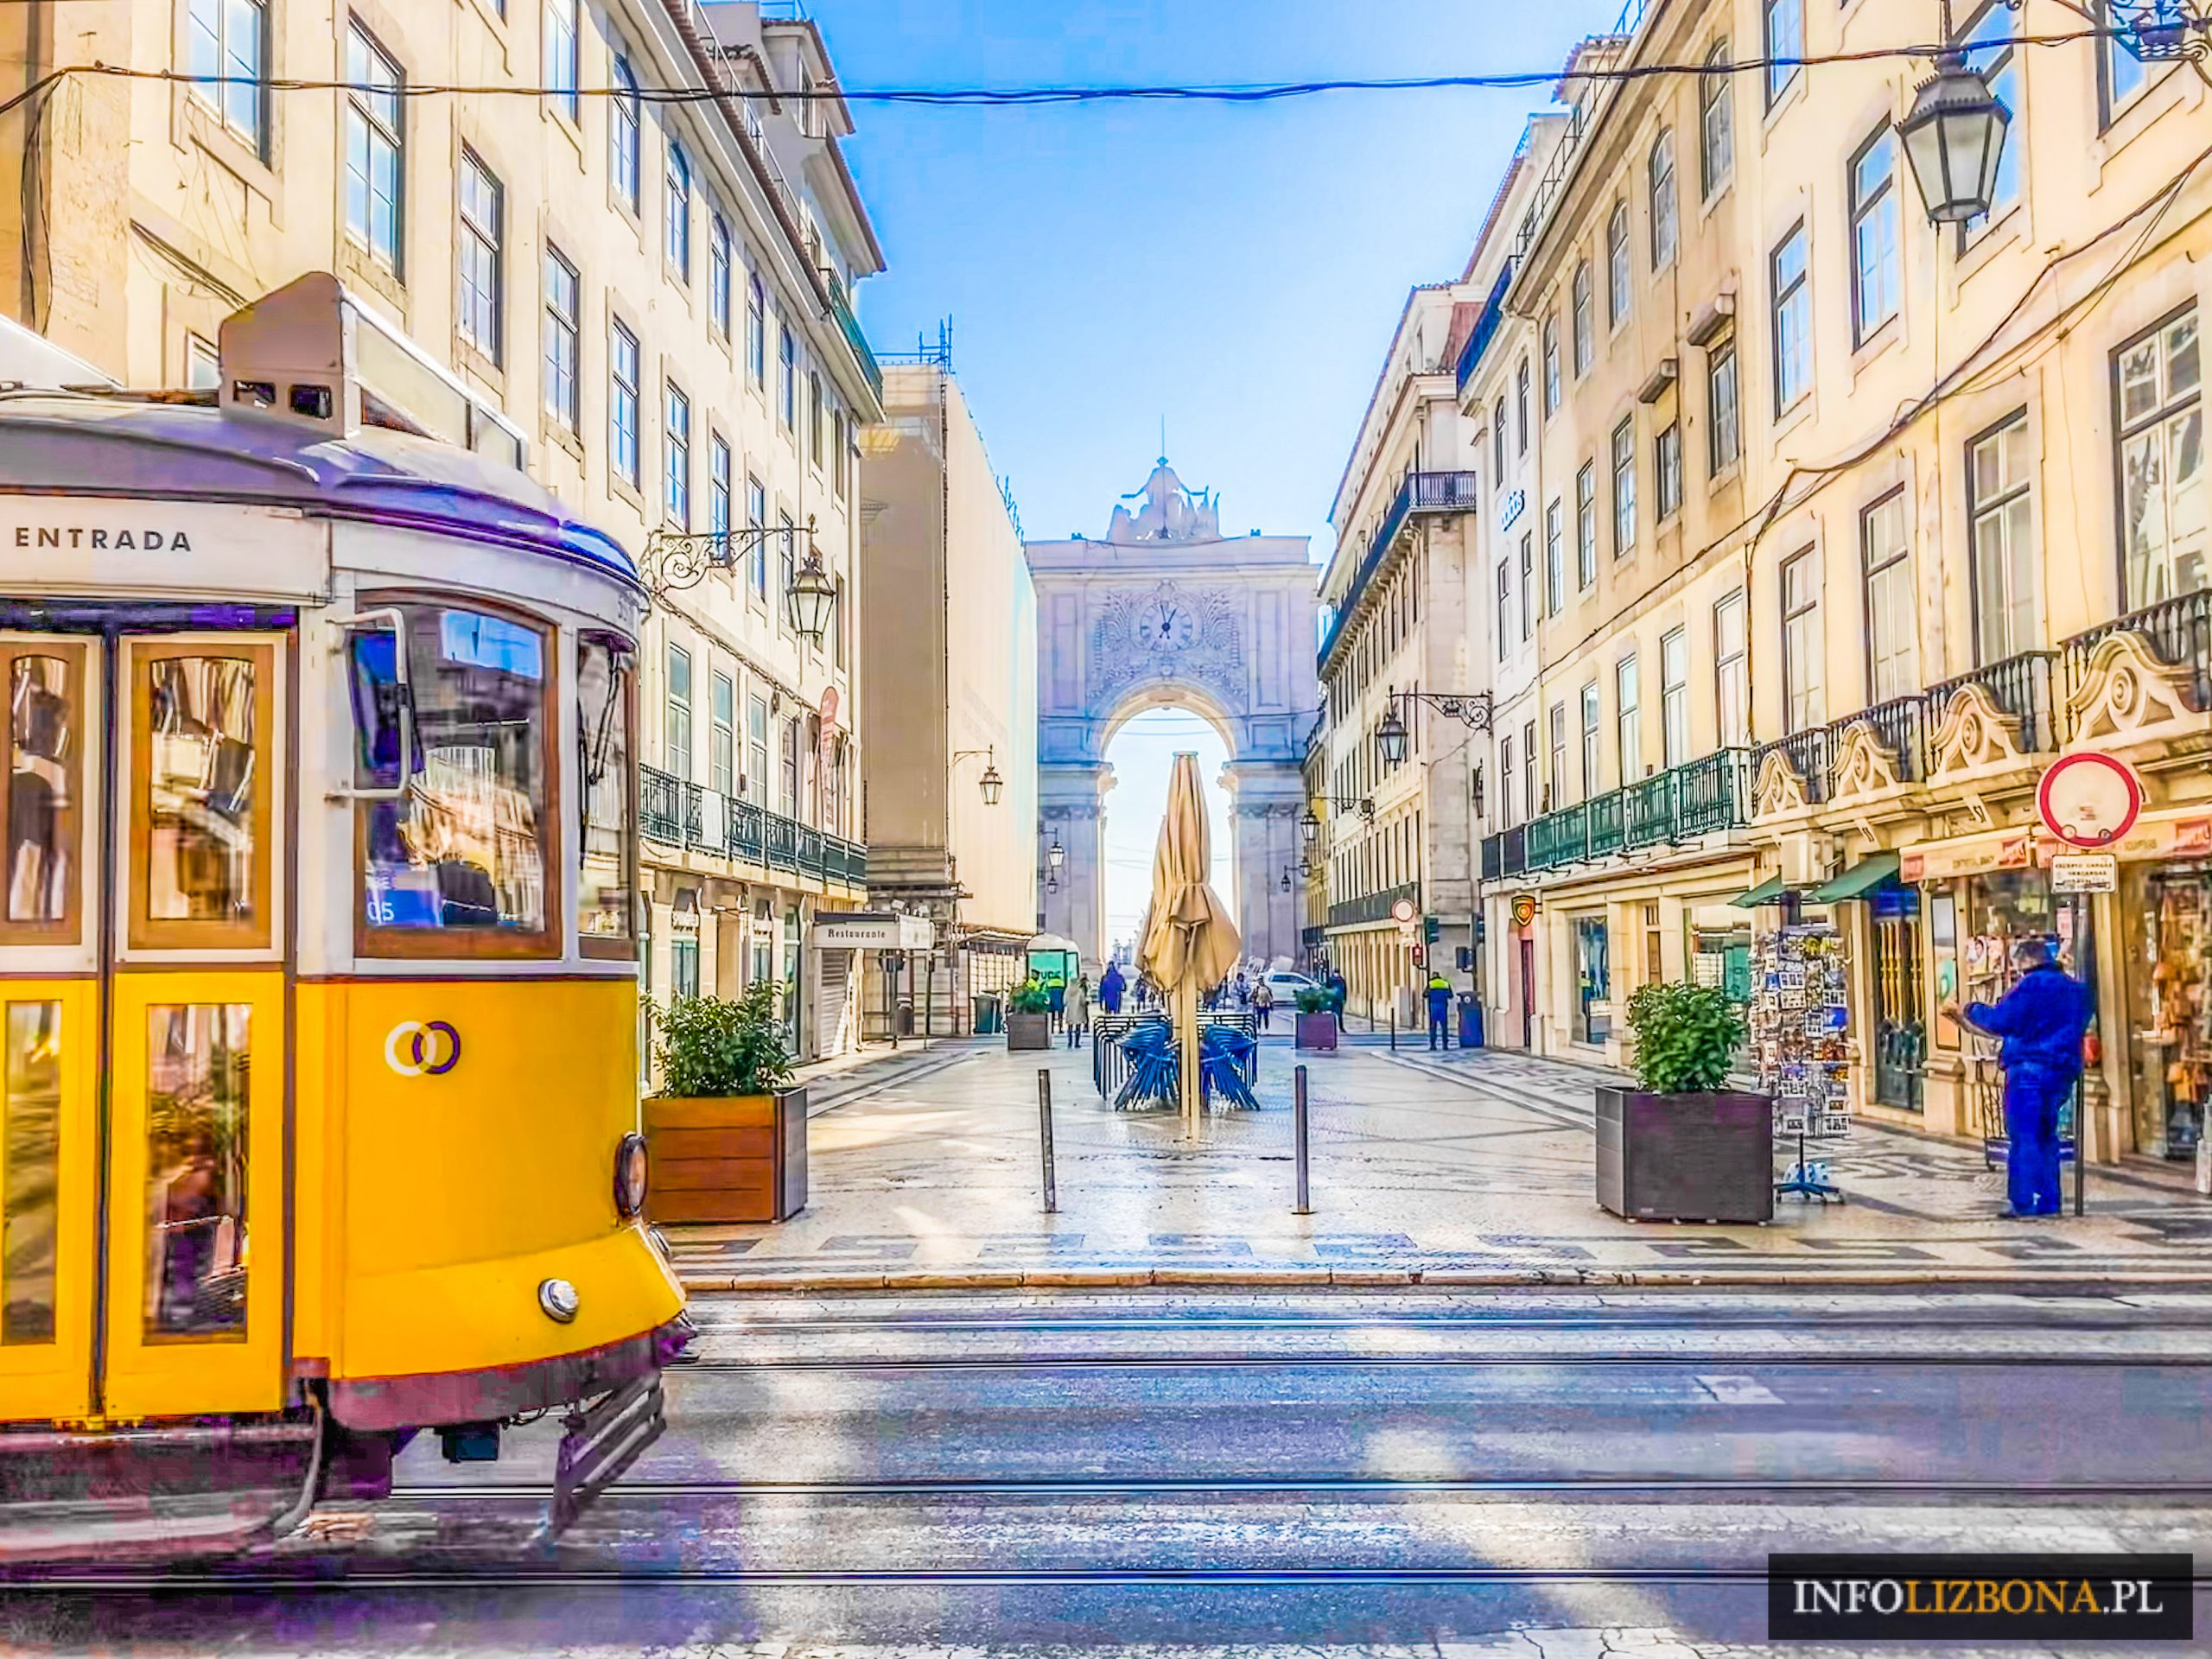 Najlepszy kierunek w Europie na podróż w czasach pandemii 2021 EUROPA Najlepsze kierunki na wakacje lato 2021 COVID-10 koronawirus European Best Destination Portugalia Portugal ranking